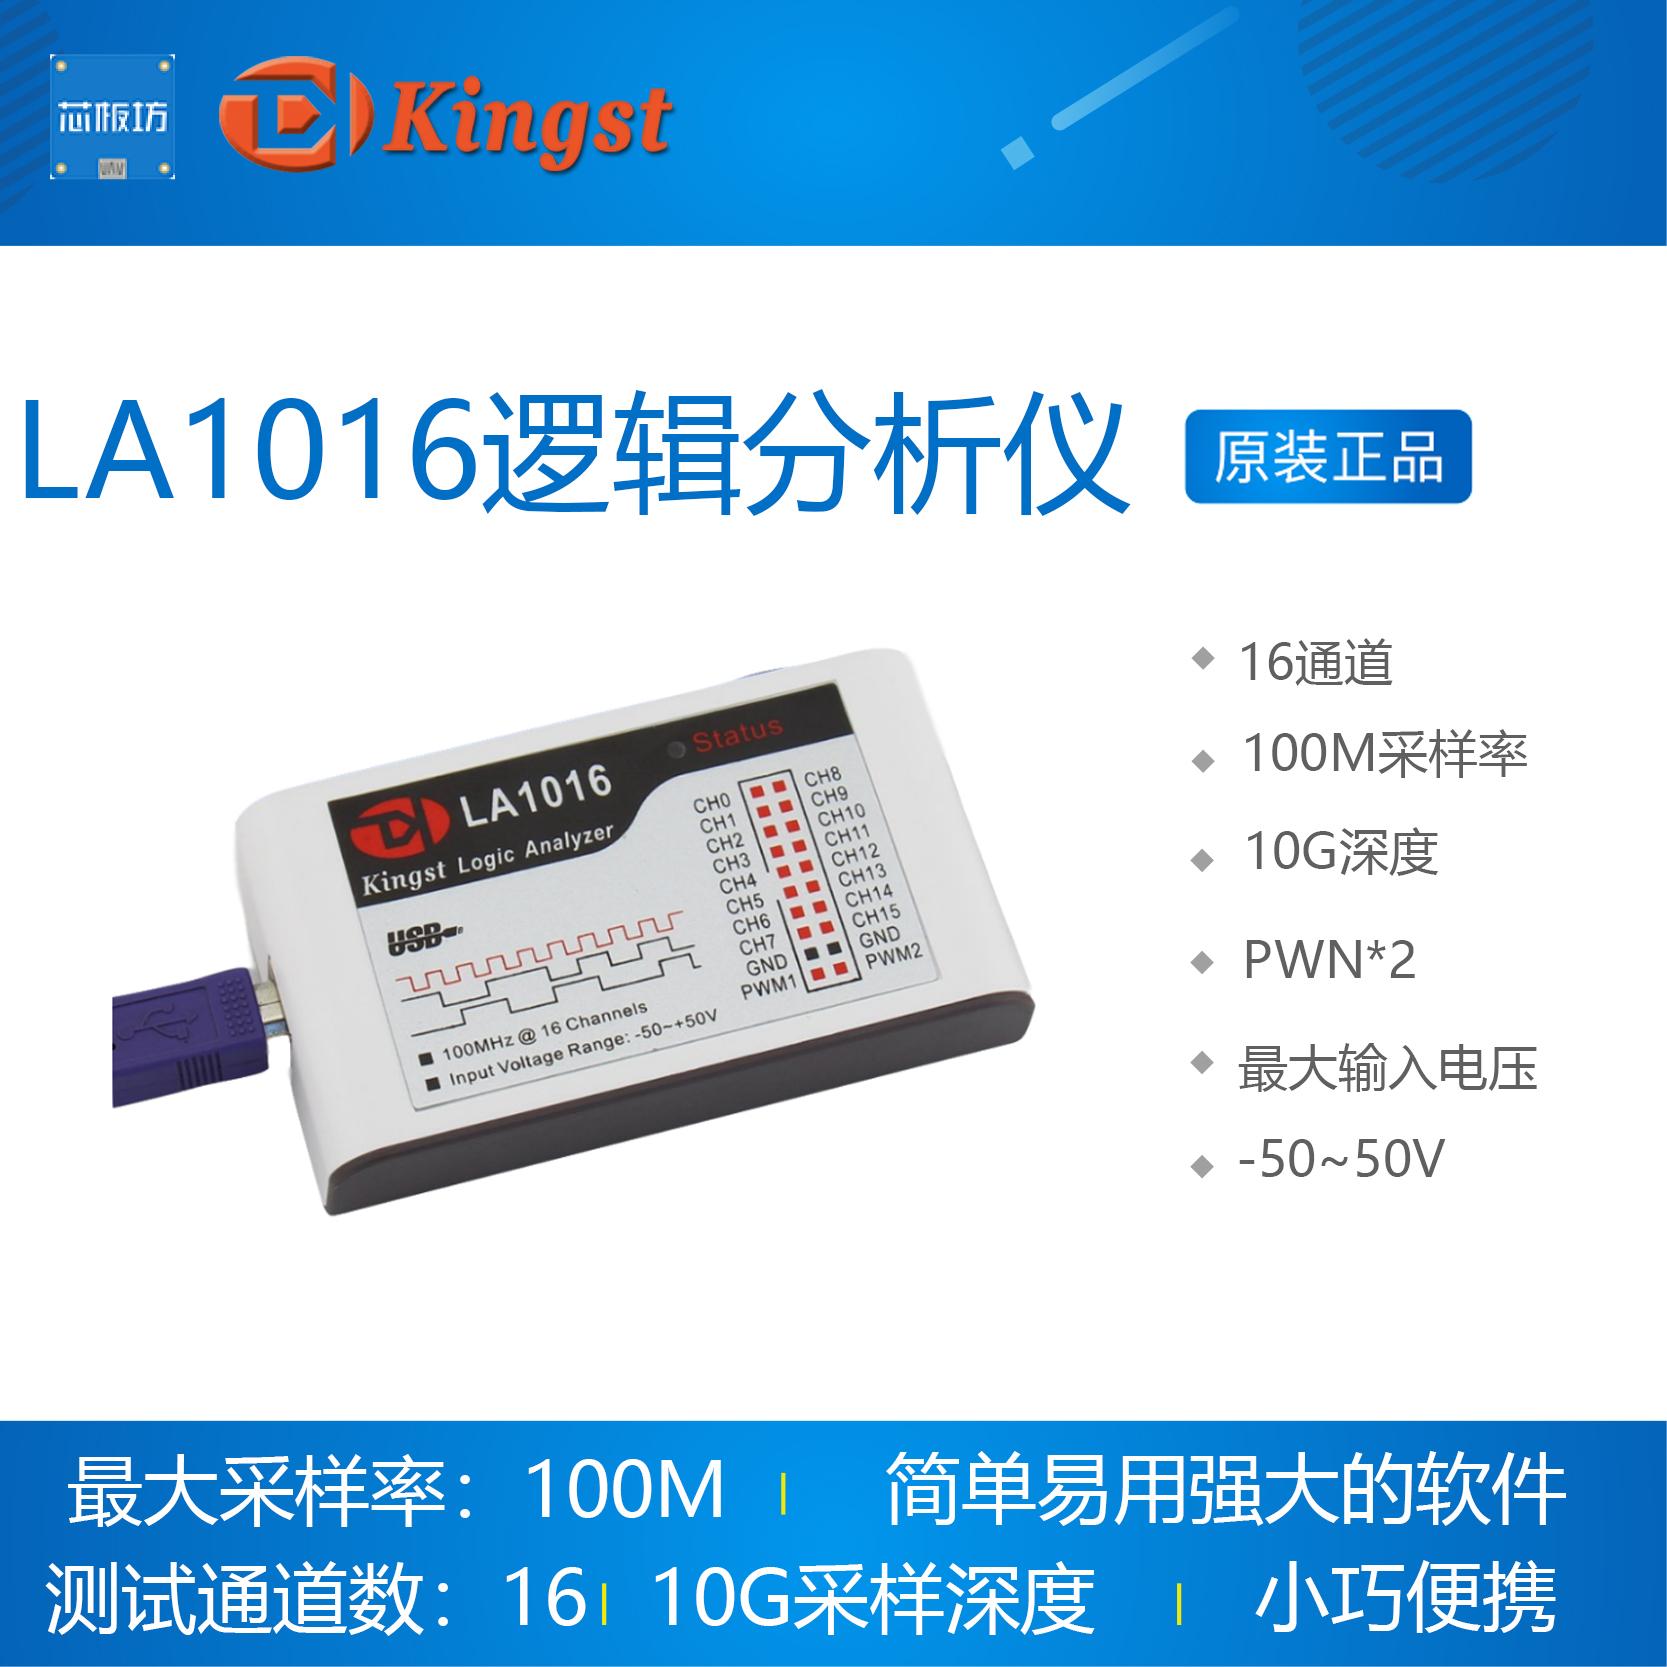 Kingst LA1016 usb 逻辑分析仪 16路全通道 100M采样率 10G深度